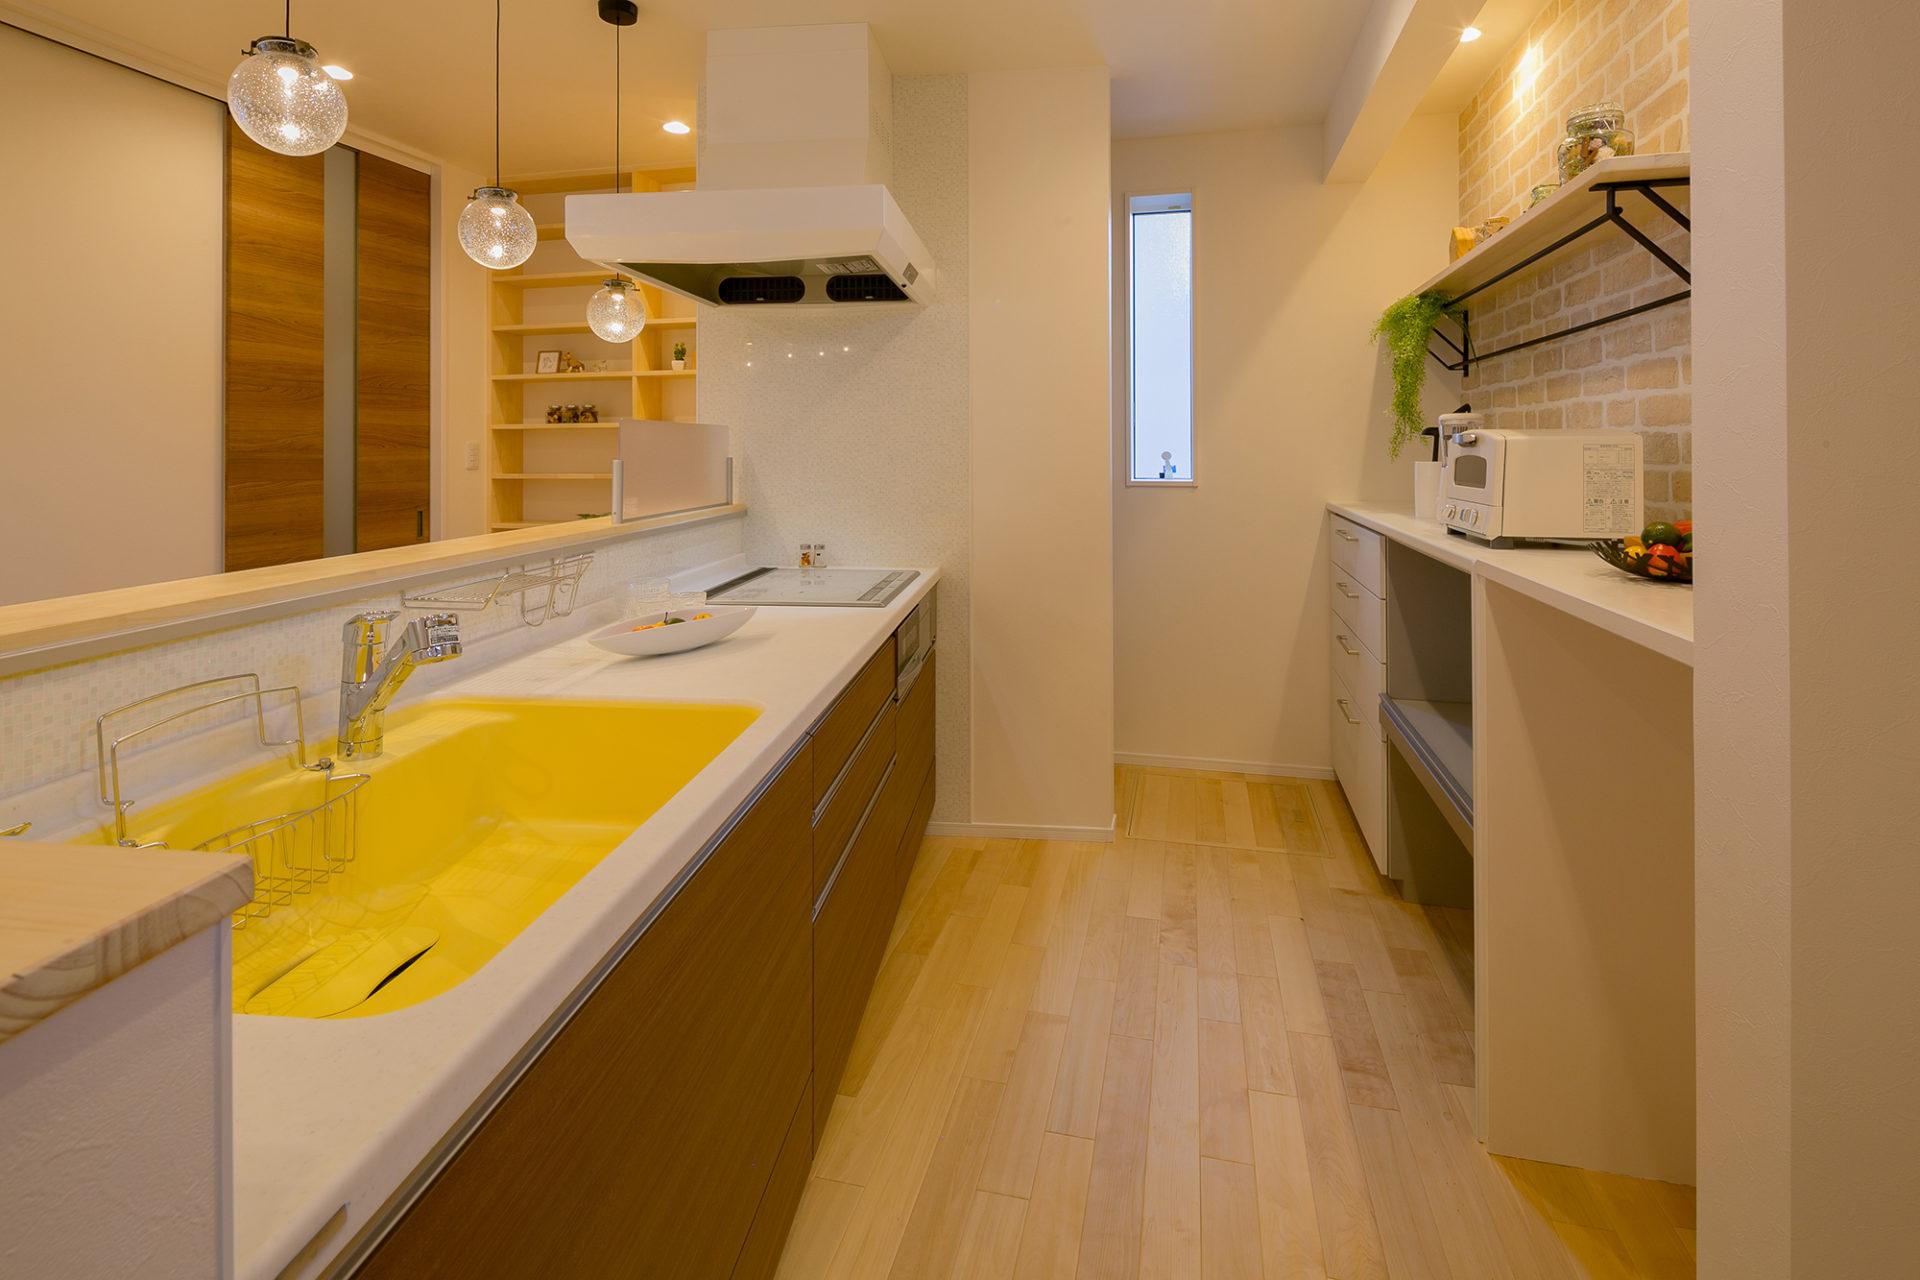 静かにゆっくり流れる時間を愉しむ ななめキッチンの家5